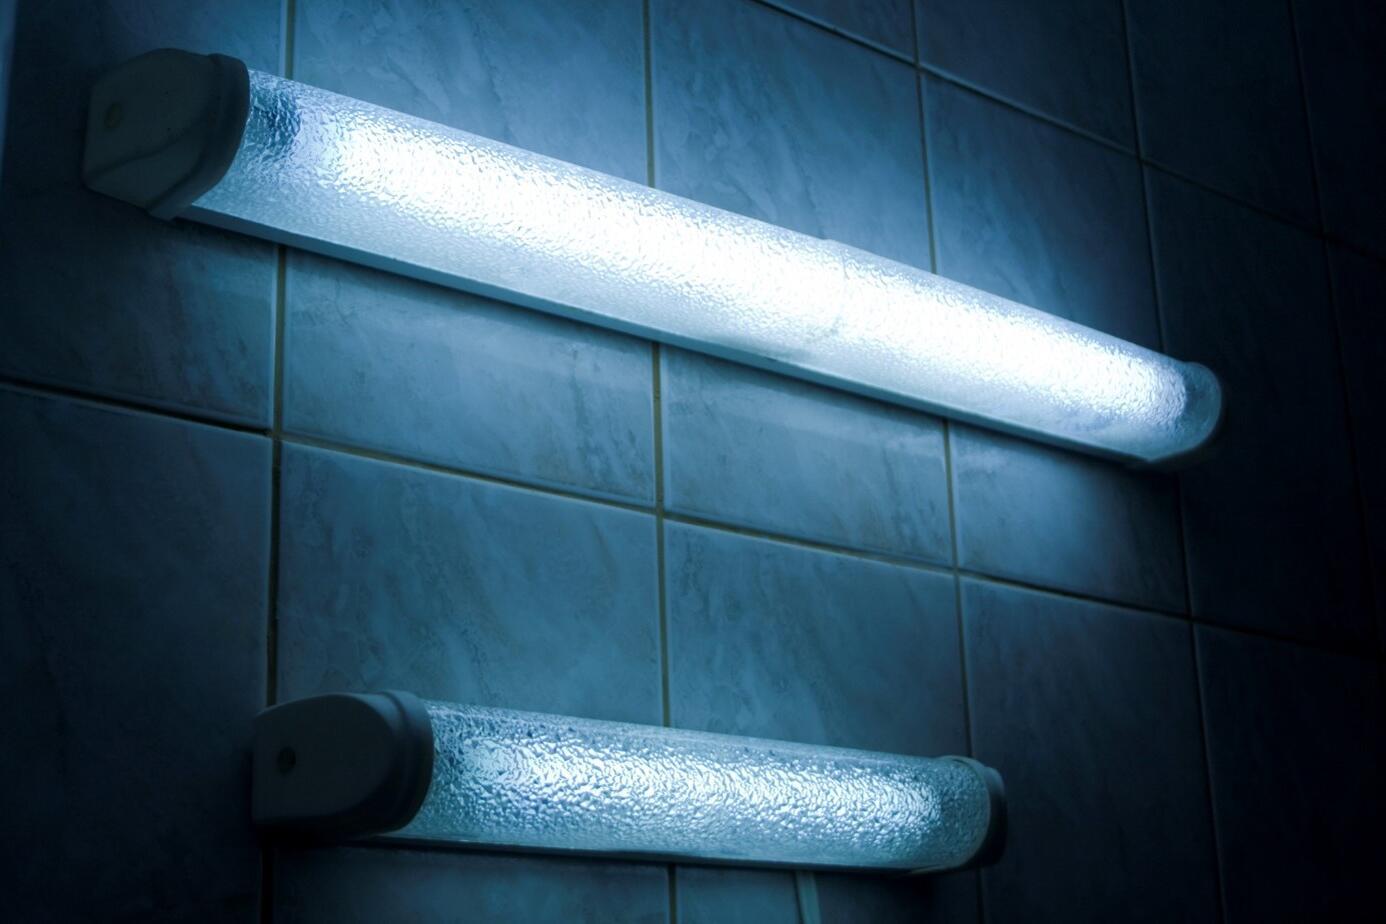 Comment changer un néon de salle de bain ?